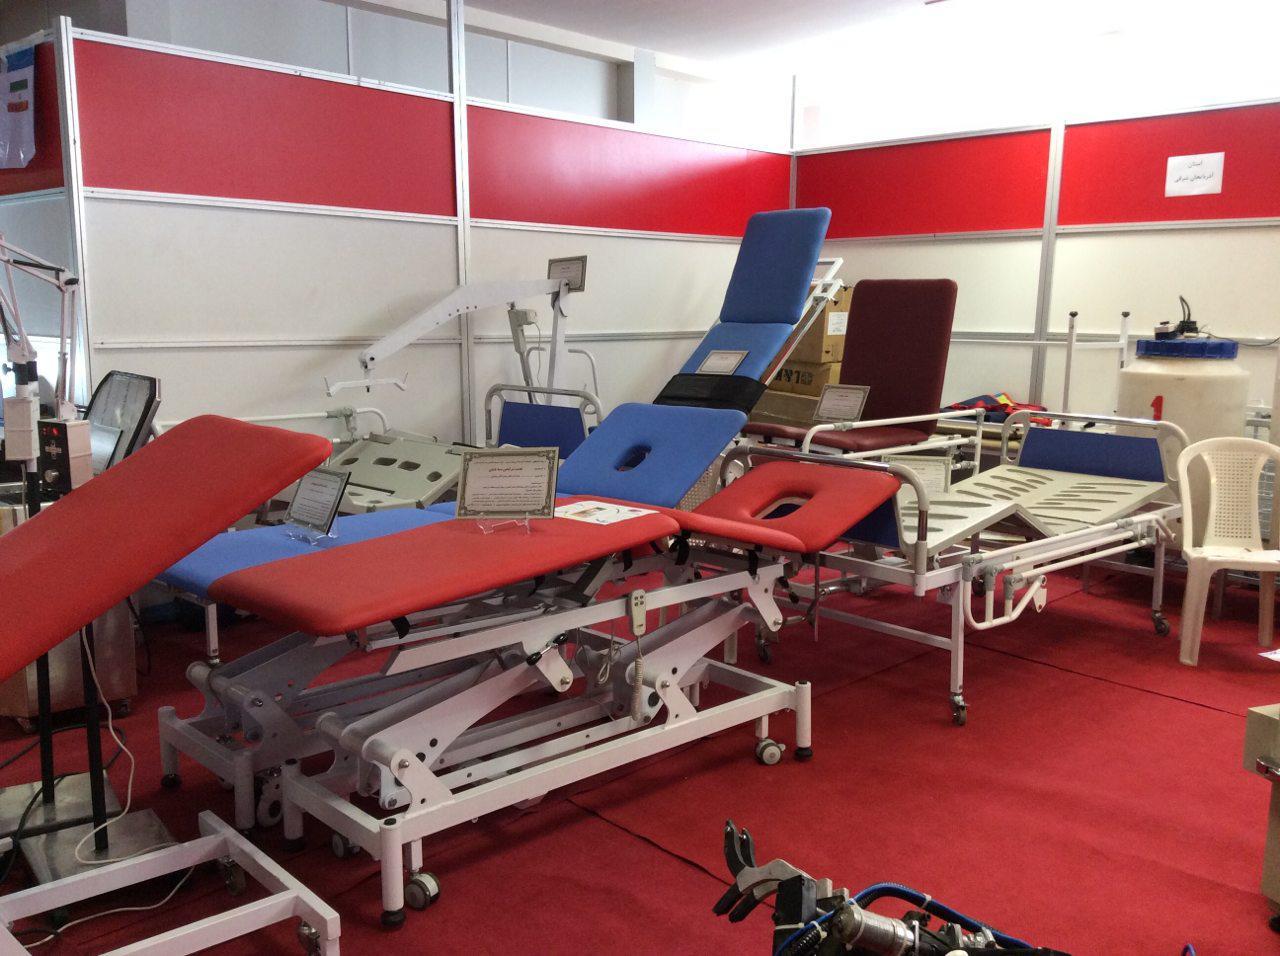 انجمن علمی طراحی صنعتی دانشگاه آزاد، نمایشگاه، تخت بیمارستان